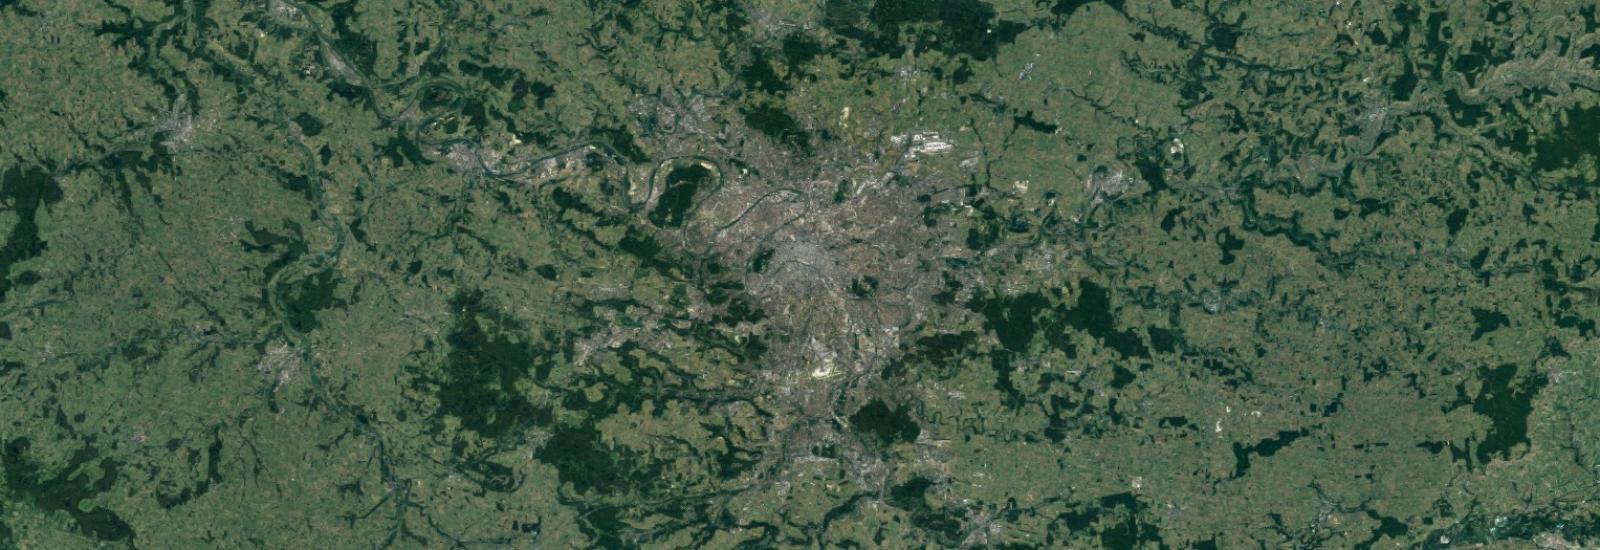 ©2017 Landsat/Copernicus. Données cartographiques Google